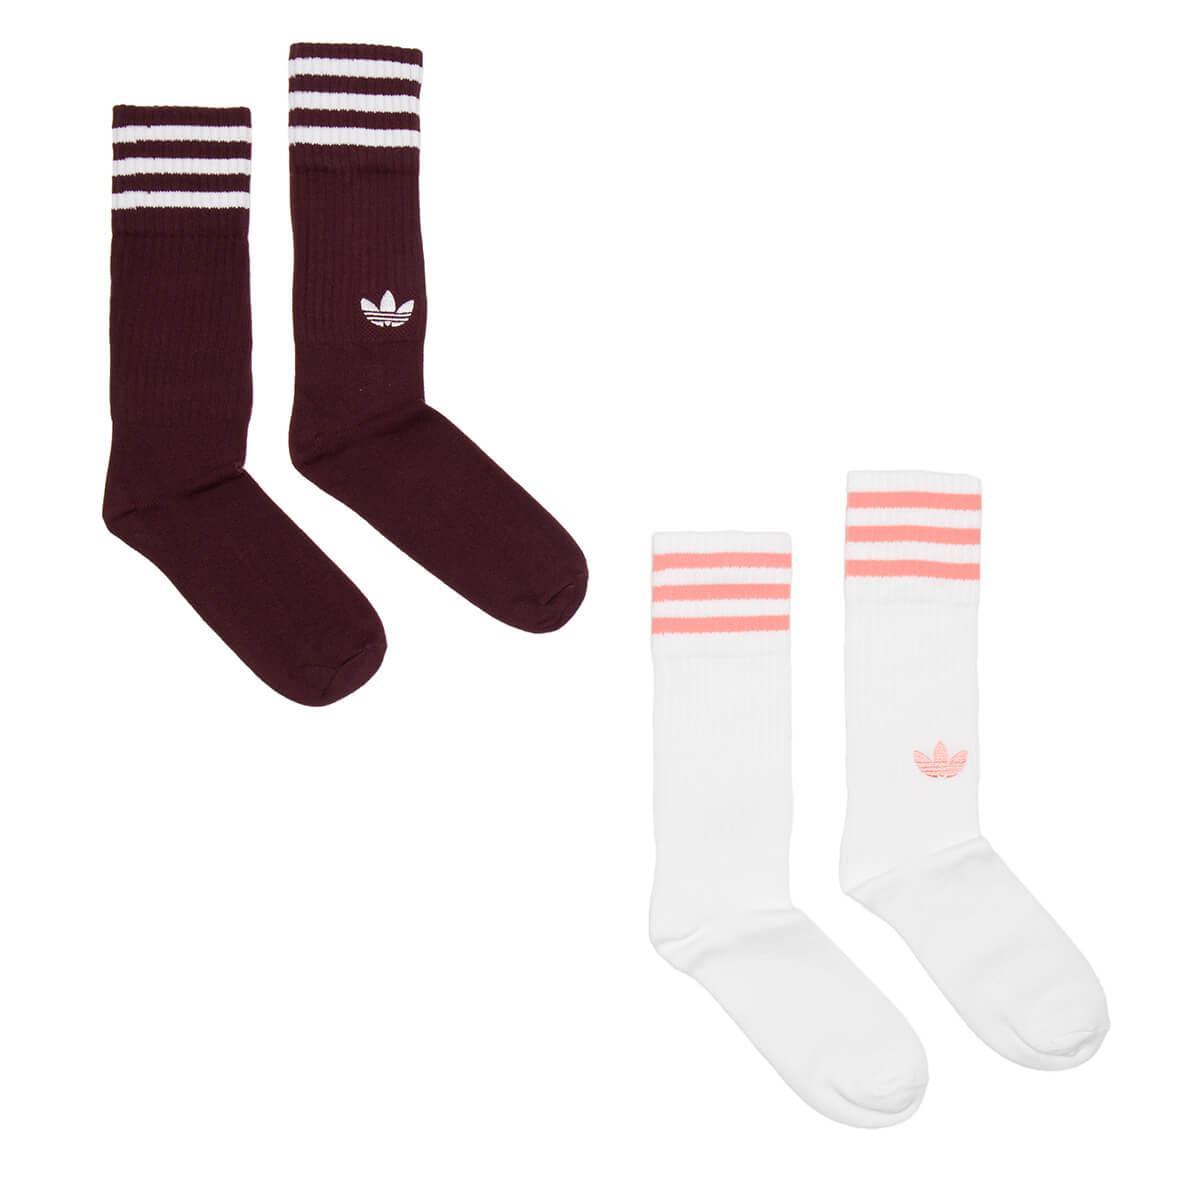 d5cec4300 Lyst - adidas Originals Solid Crew Socks for Men